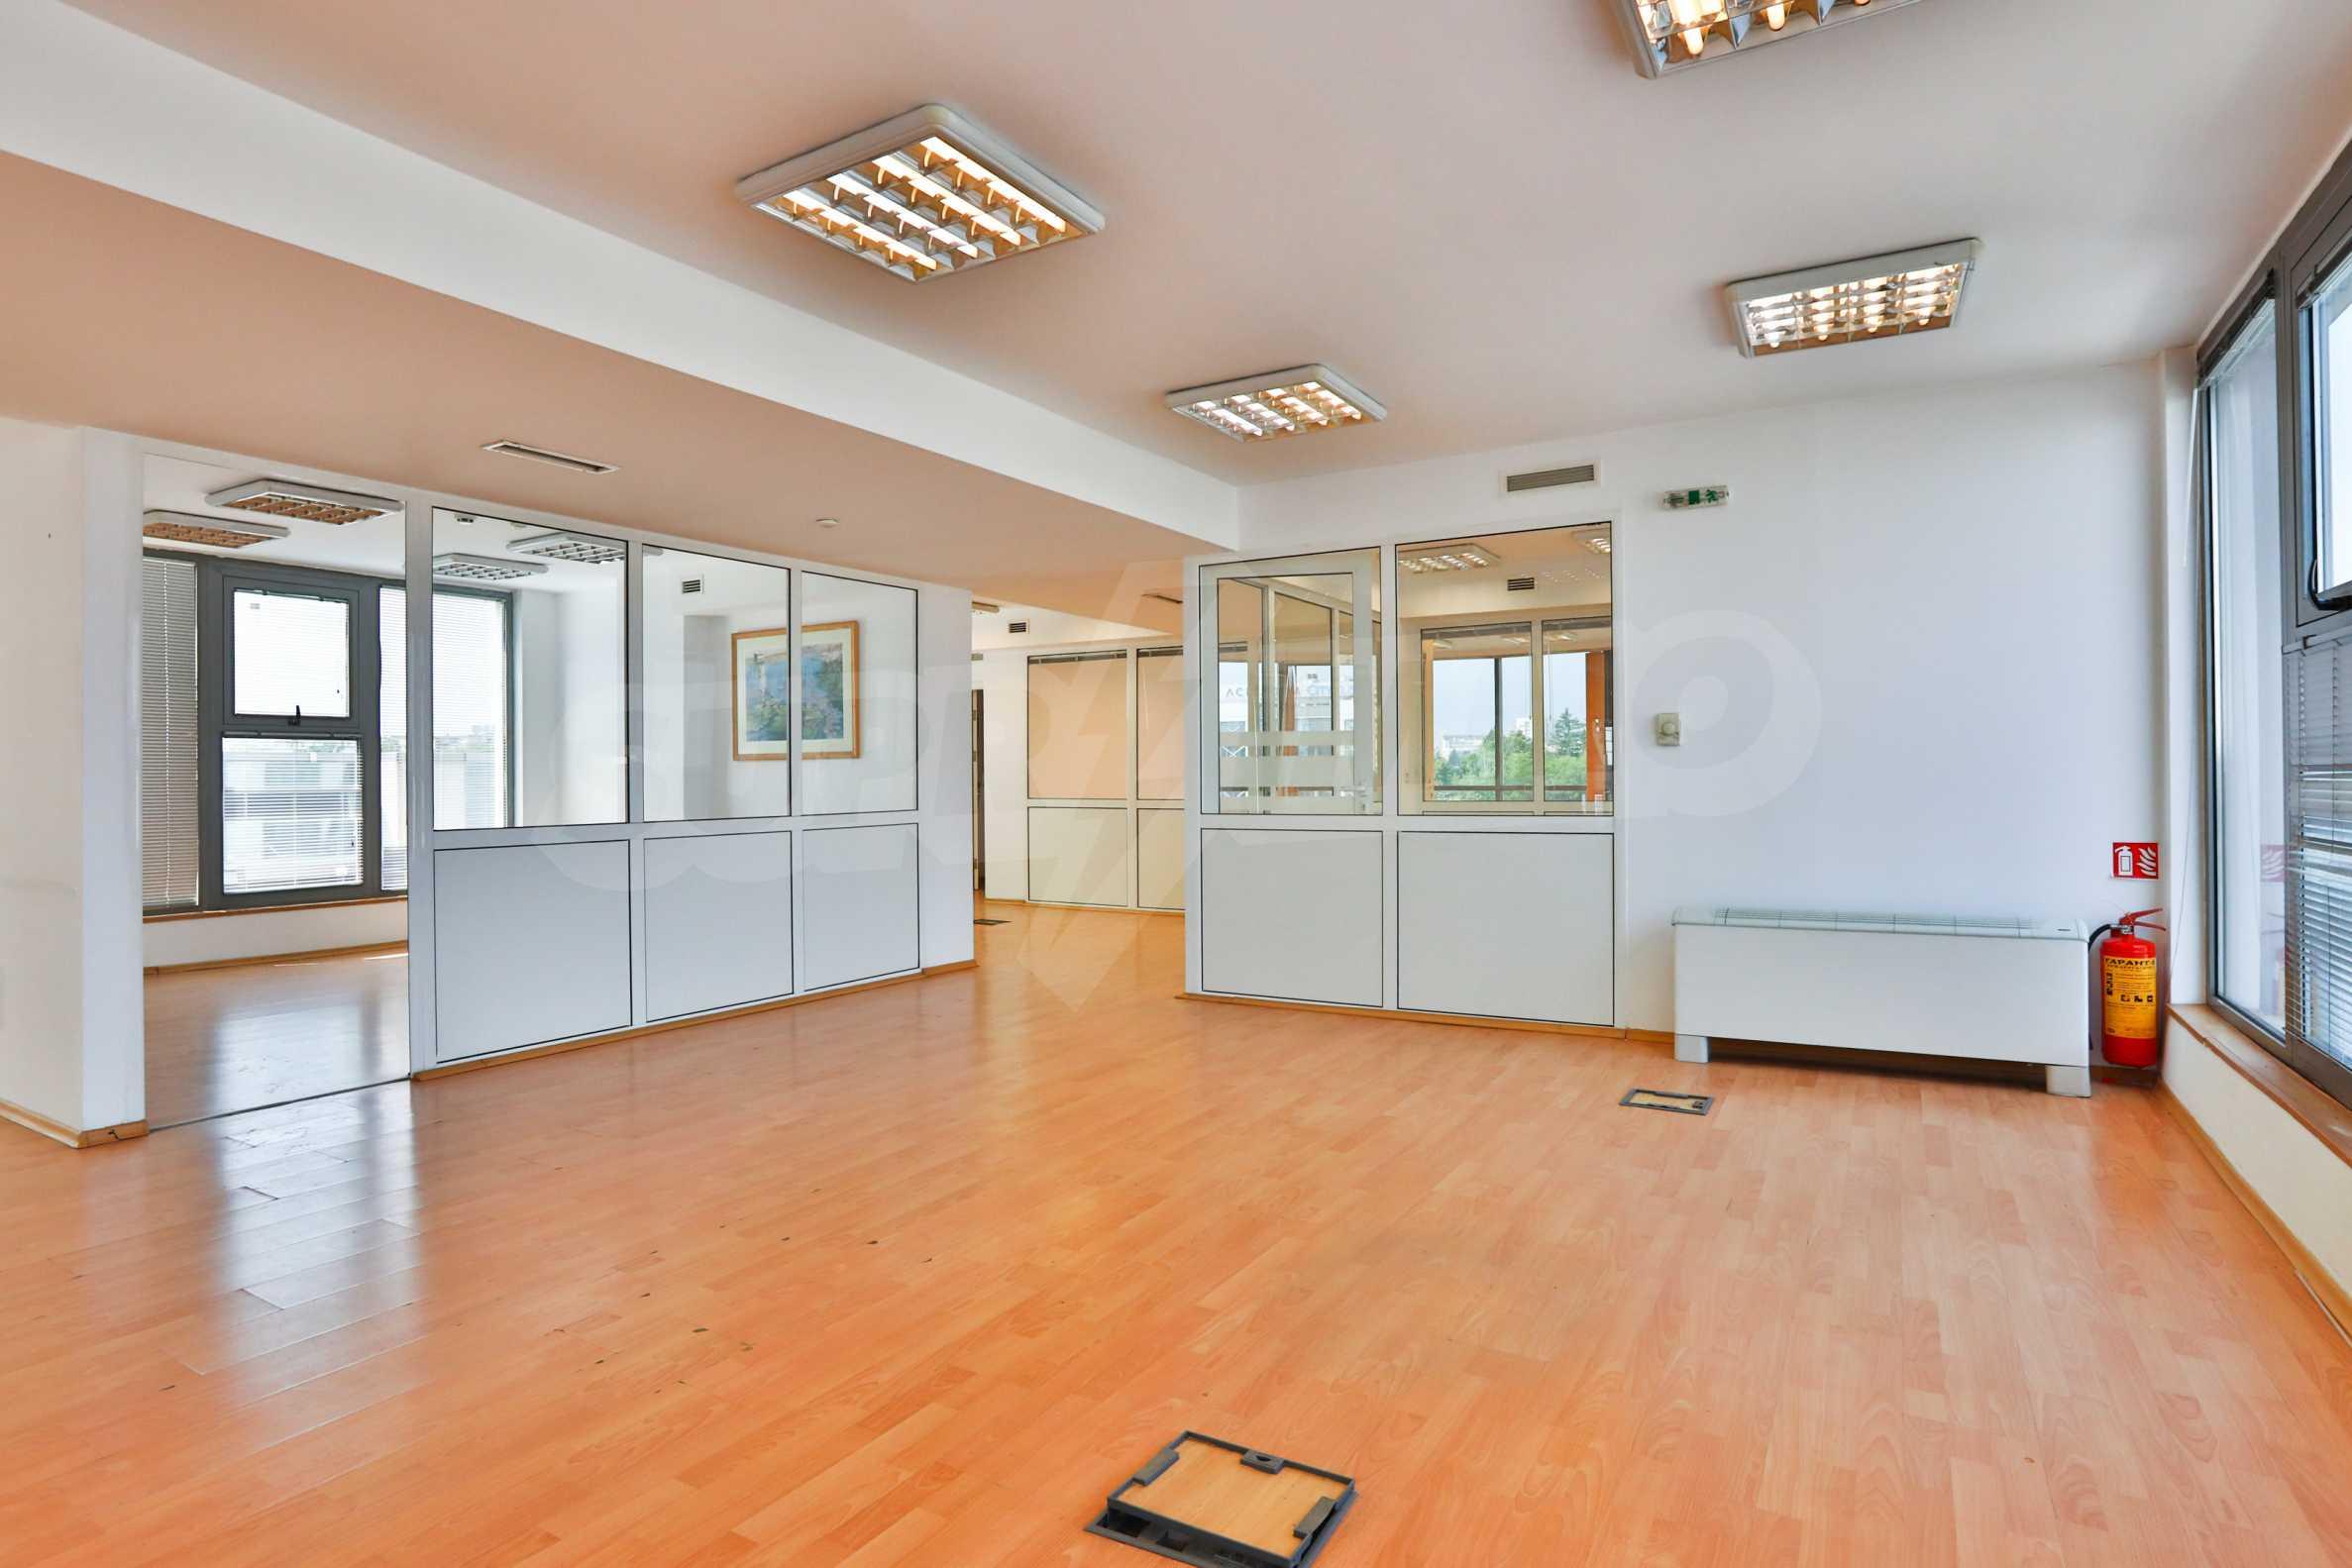 Площи тип open space в офис зоната на бул. Цариградско шосе 8